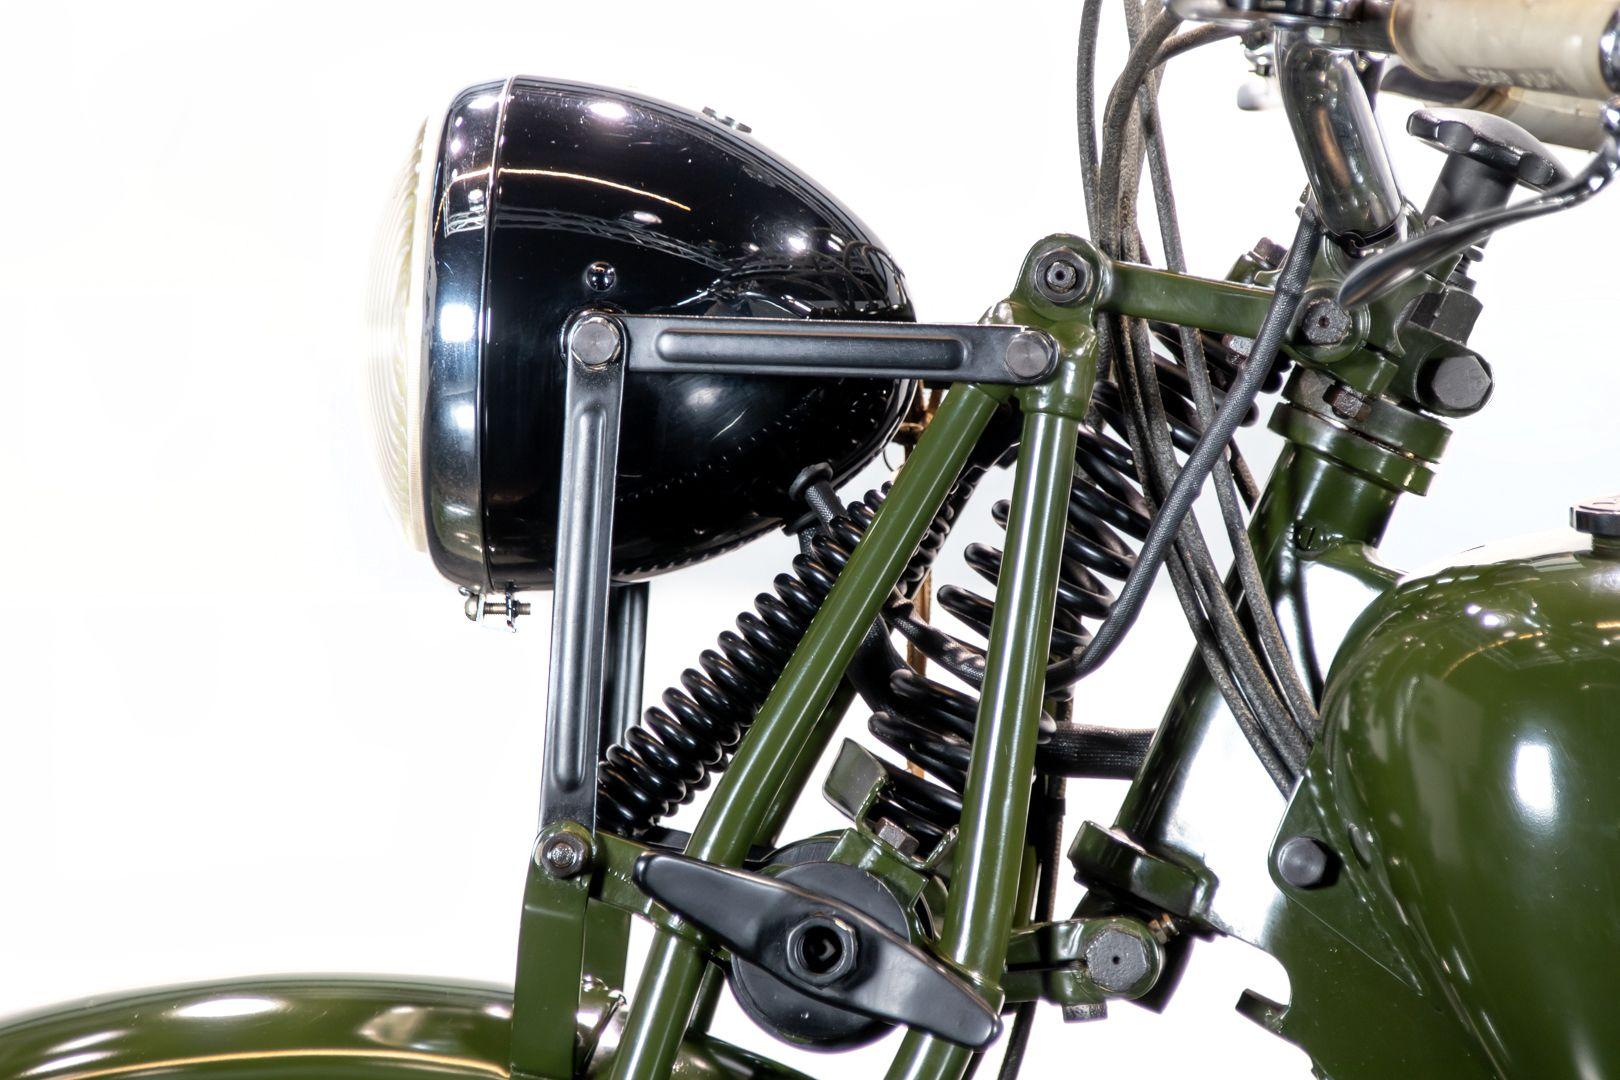 1977 Moto Guzzi 500 Super Alce 59441